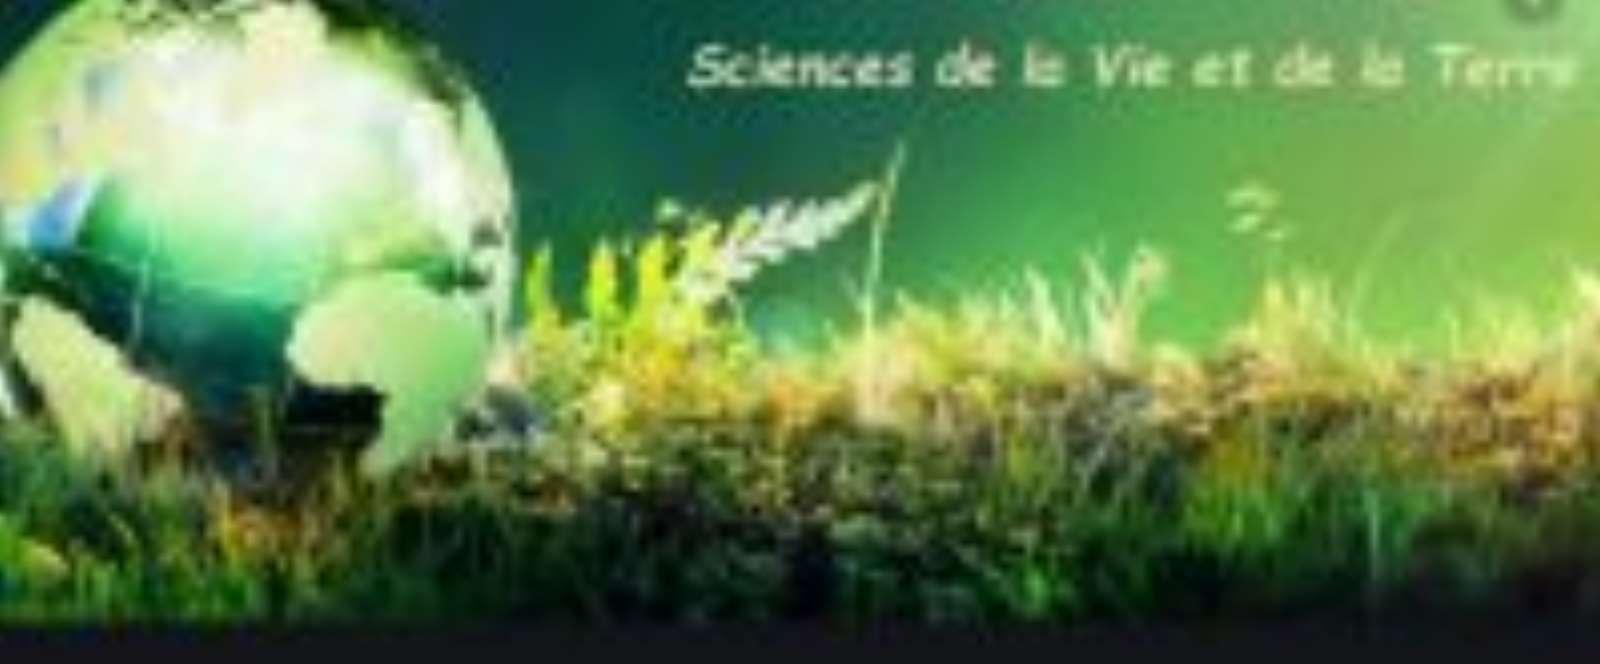 Sciences de la terre et de l'environnement